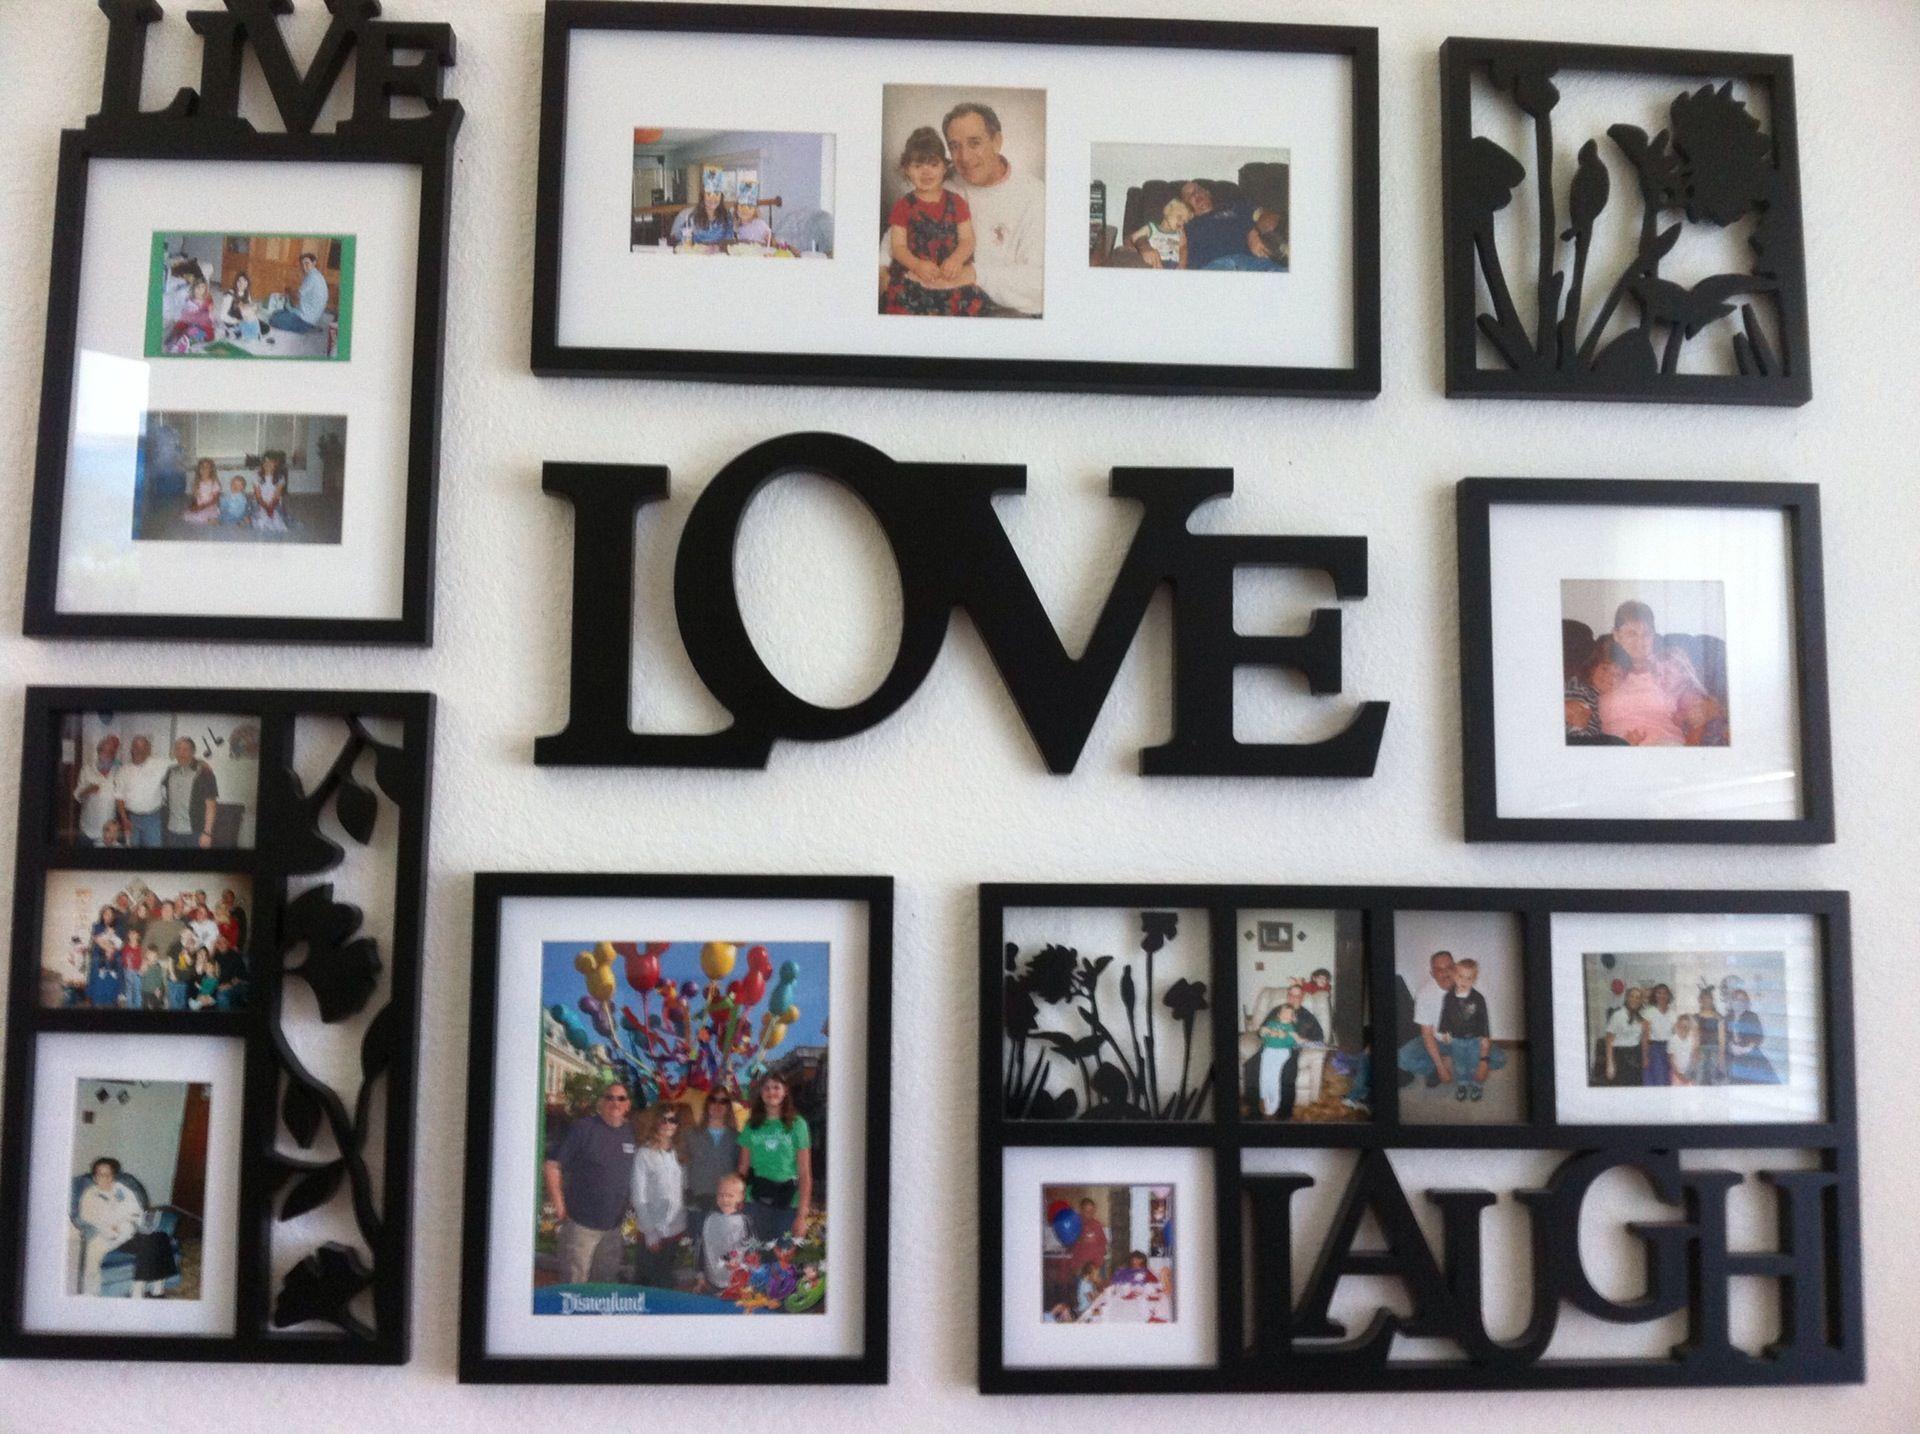 live laugh love photo frames